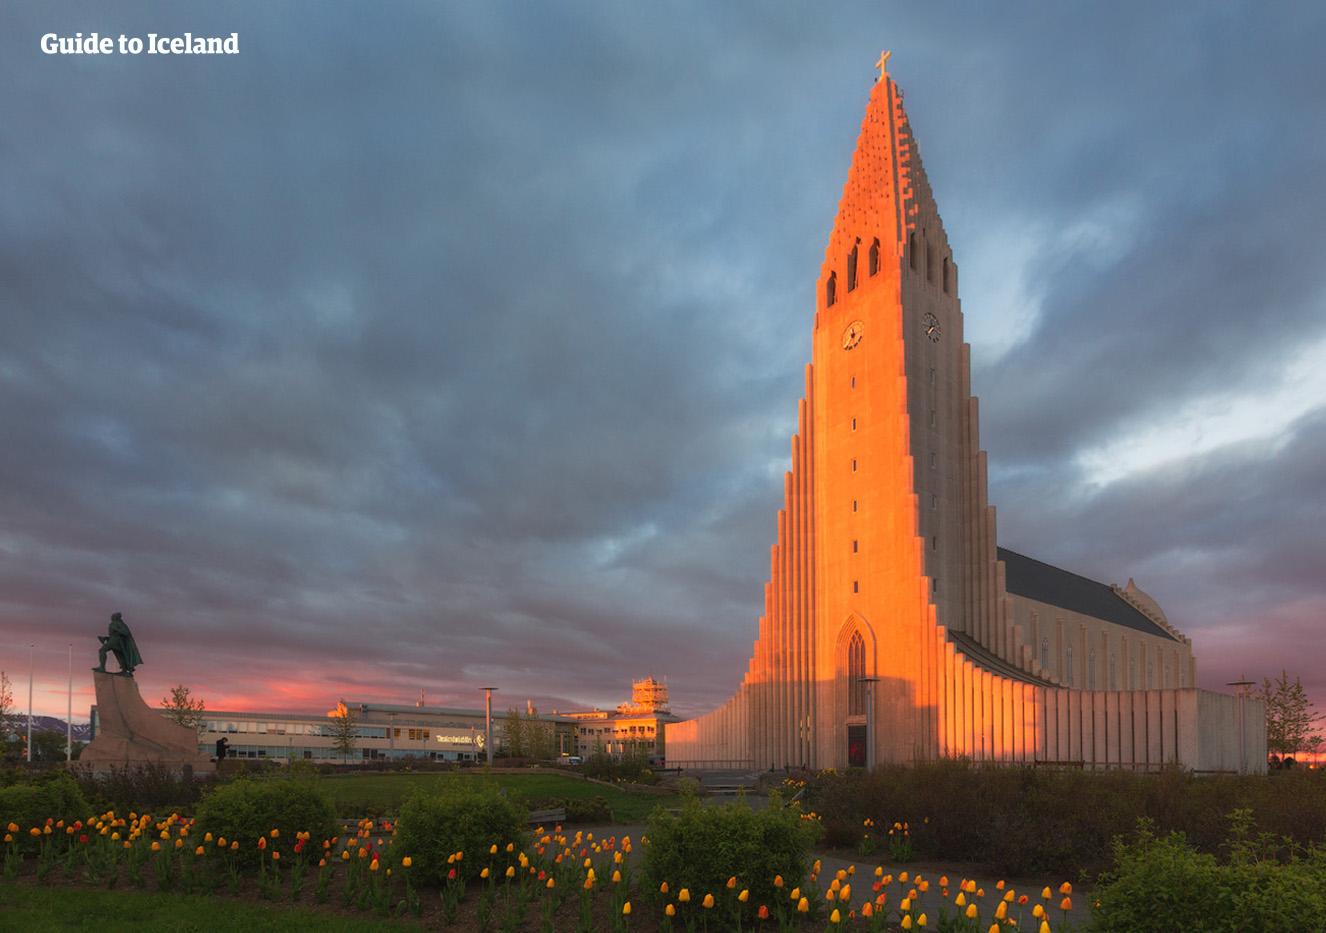 Wykorzystaj białe noce i wieczorem odwiedź niektóre restauracje, kawiarnie i puby w Reykjaviku.